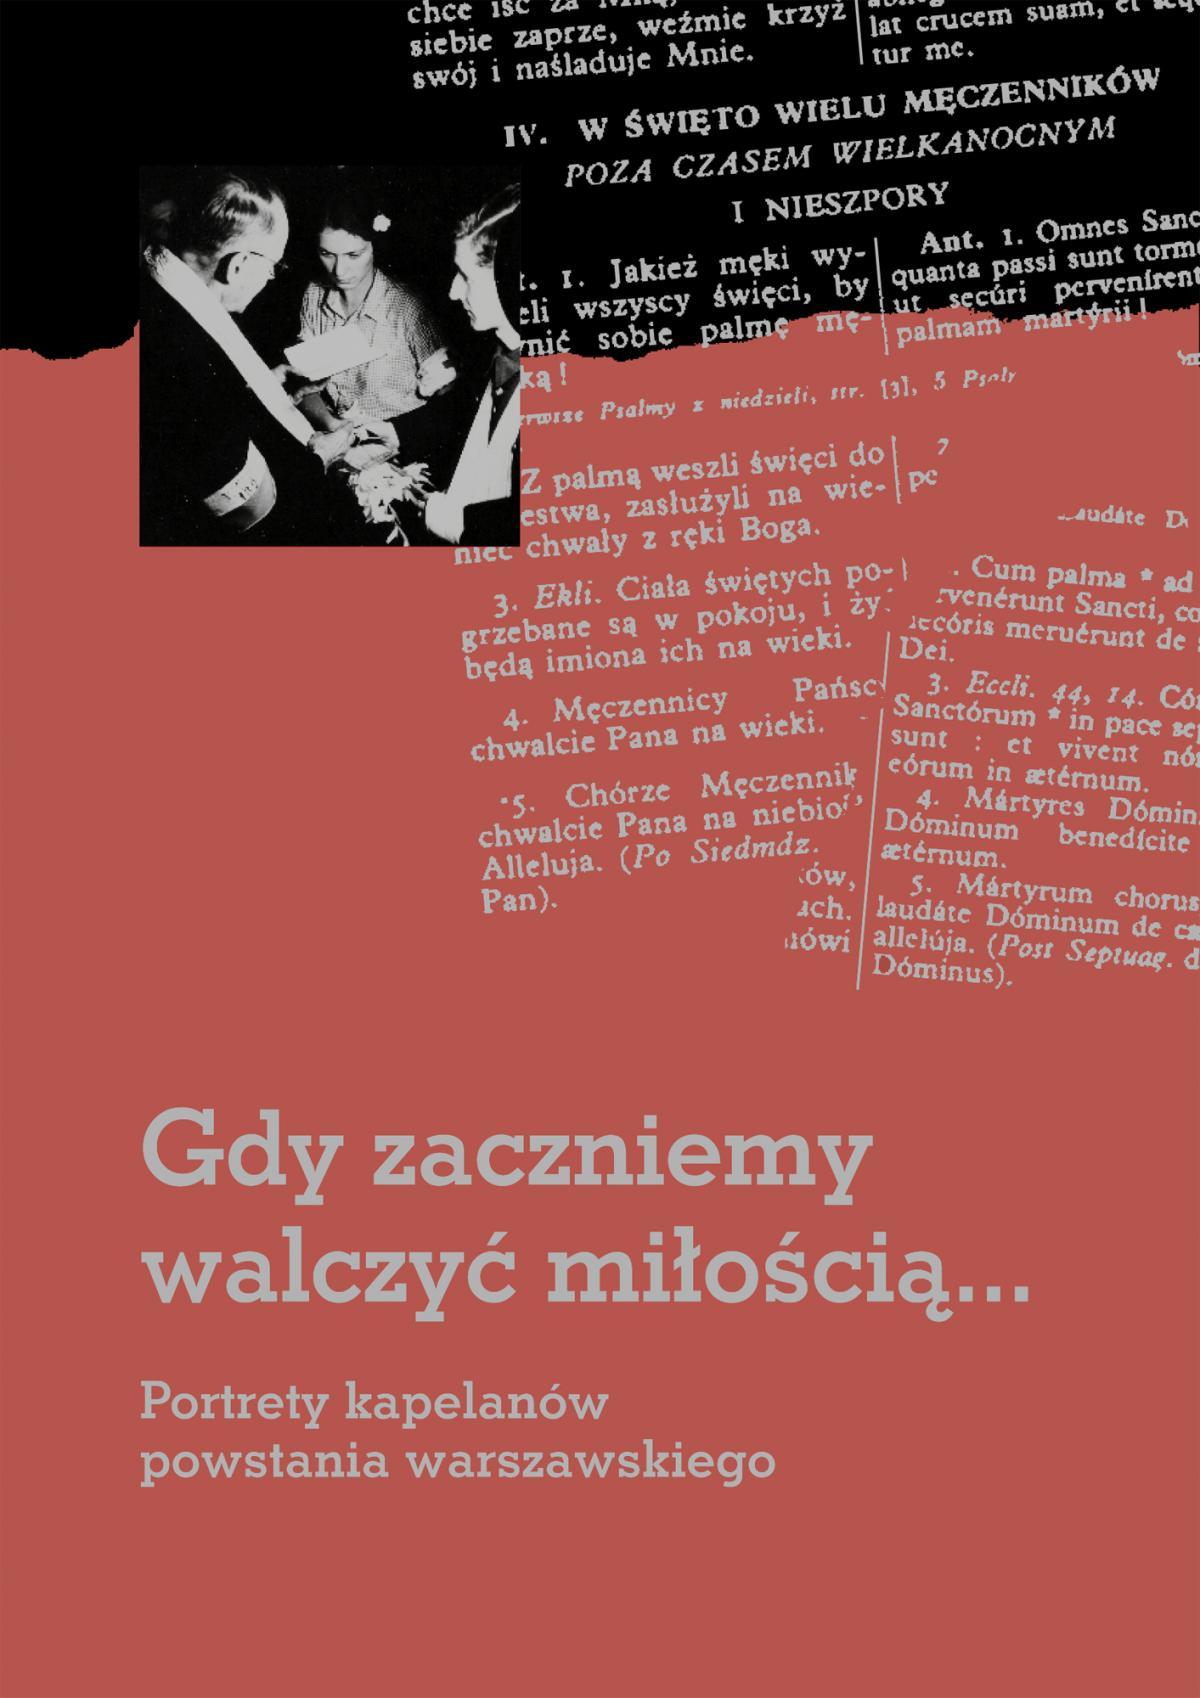 Gdy zaczniemy walczyć miłością... Portrety kapelanów powstania warszawskiego - Ebook (Książka PDF) do pobrania w formacie PDF